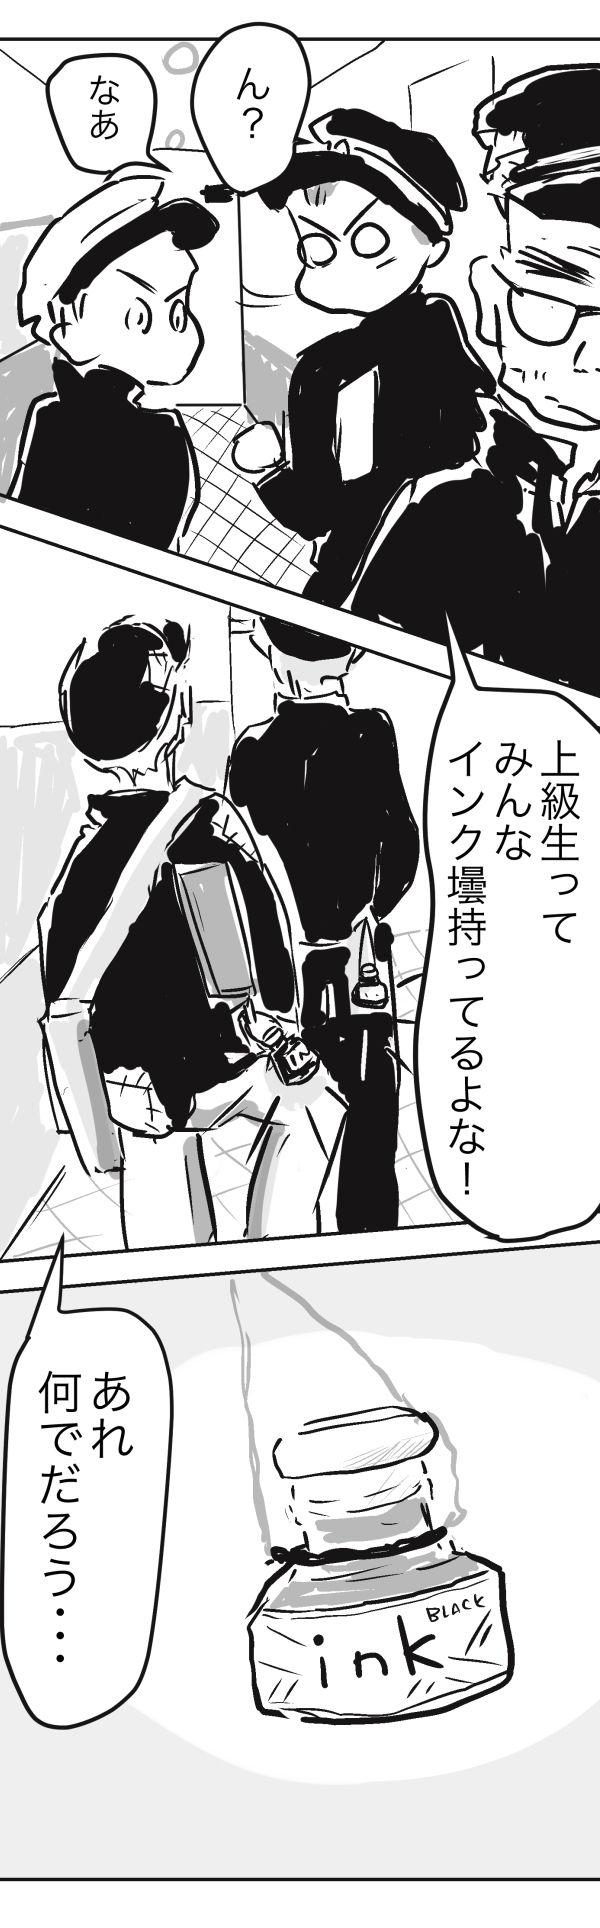 山田金沢2−2−4